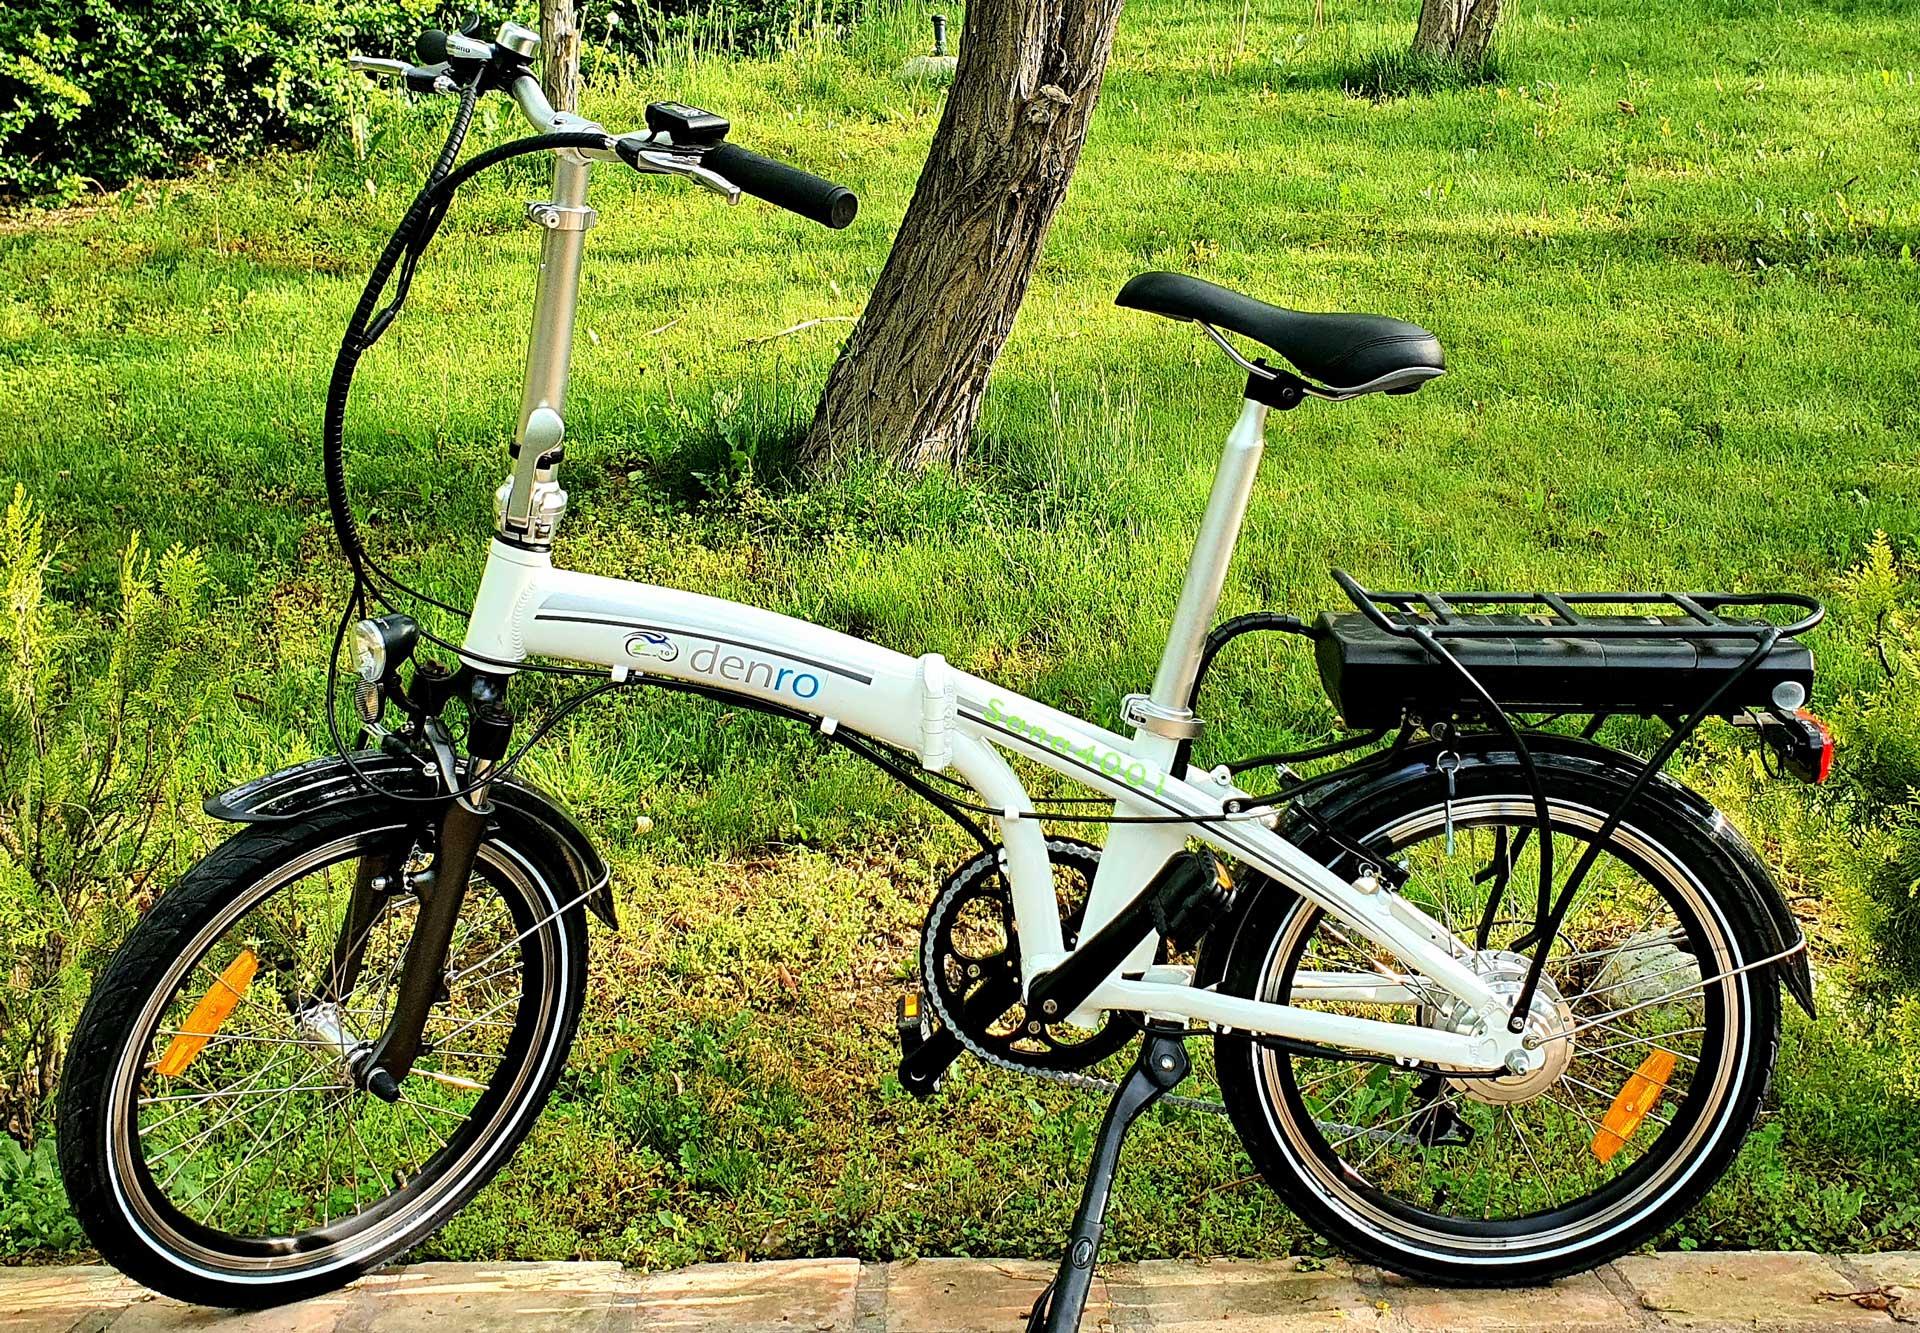 دوچرخه برقی تاشو سانا در طبیعت